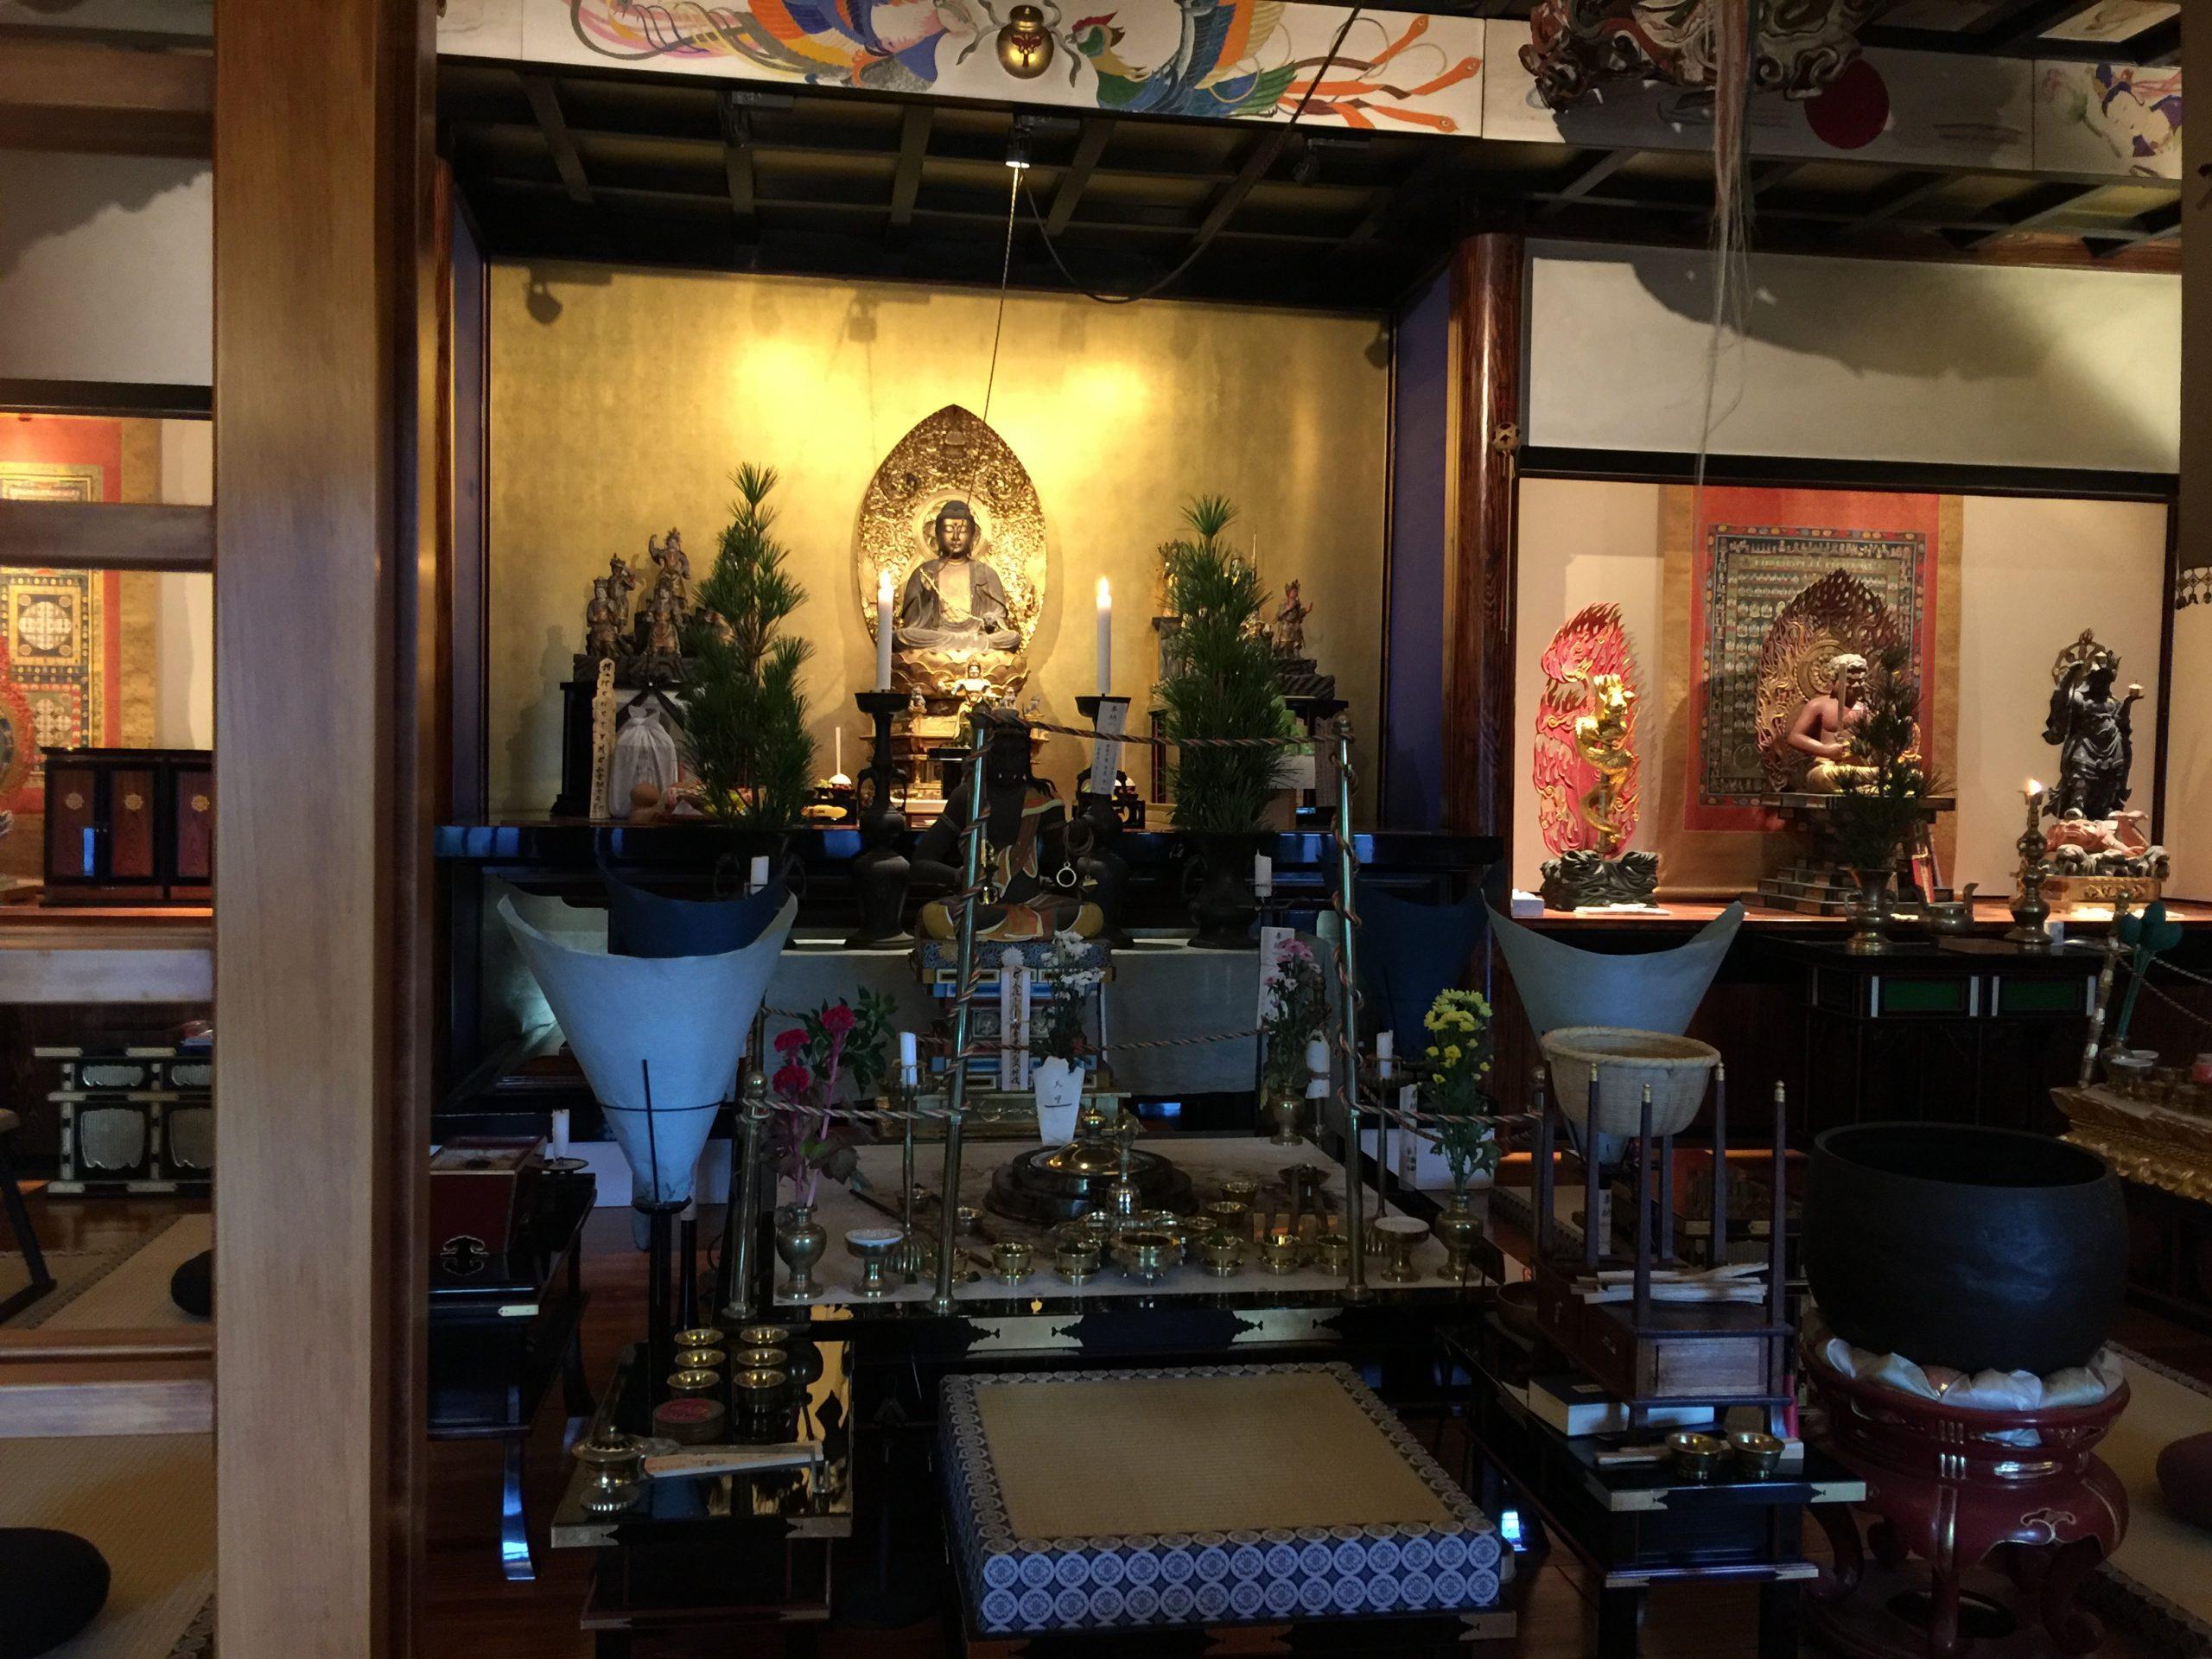 四國遍路 鷲之里 第22番札所平等寺